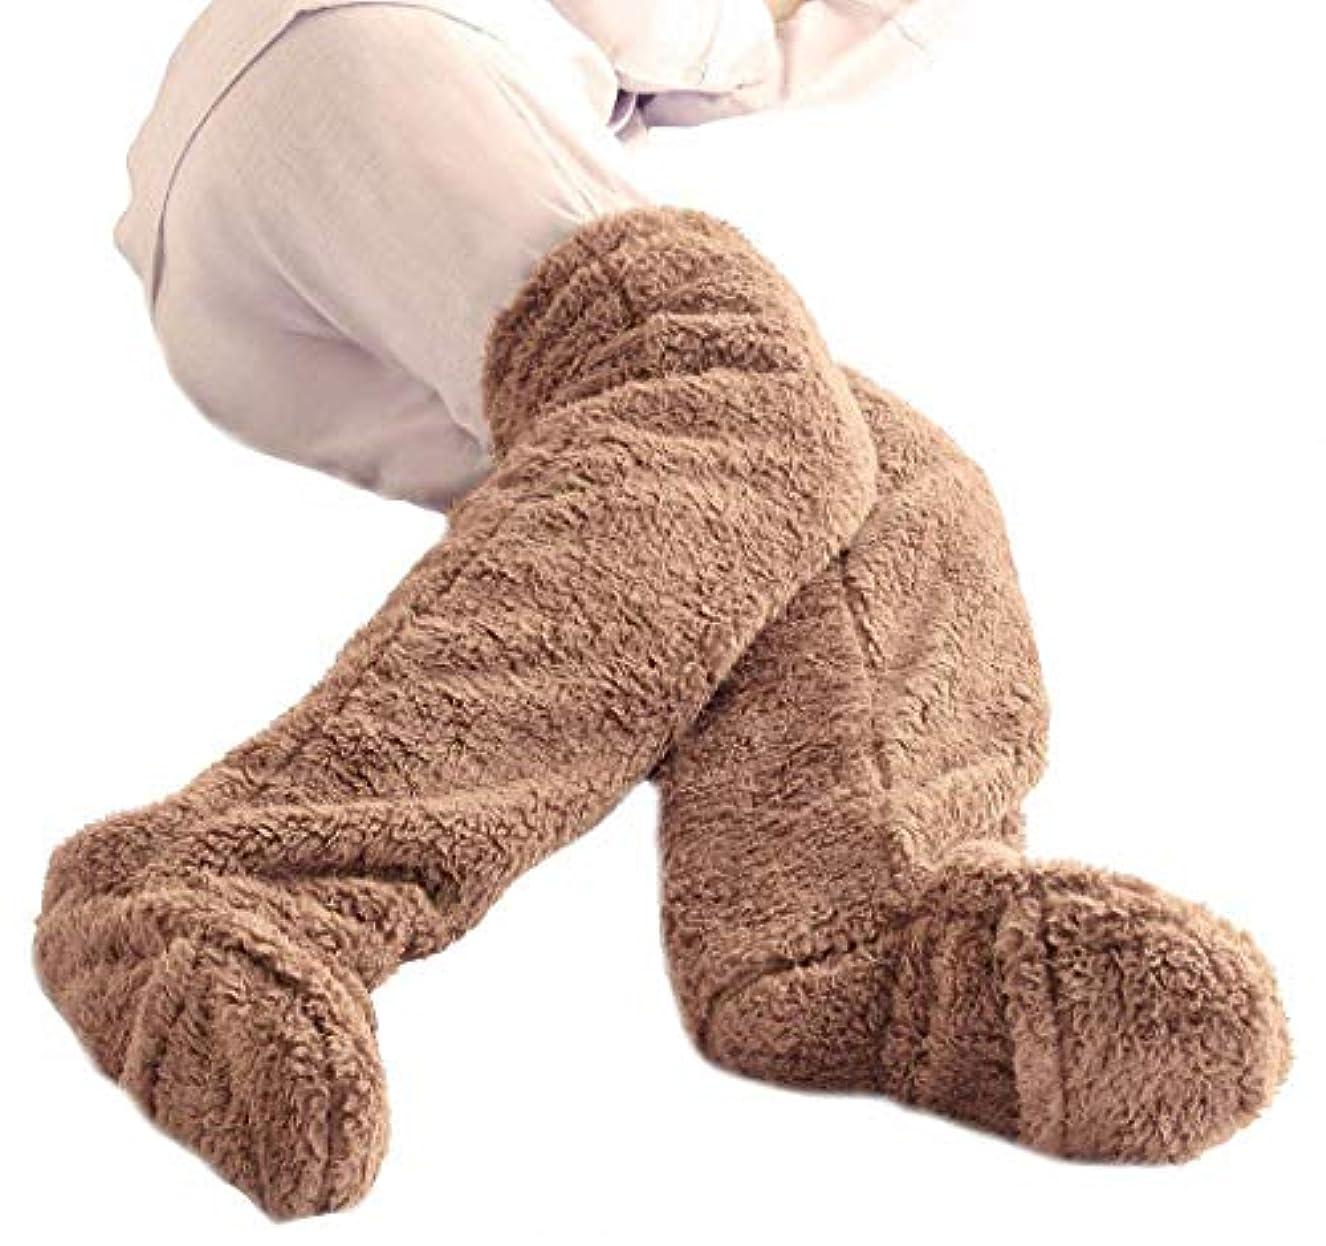 回復クラックポットクラッシュフリース生地 室内履き 足が出せるロングカバー 軽量ヒートソックス 歩ける ロングカバー 極暖 ルームソックスルームシューズ